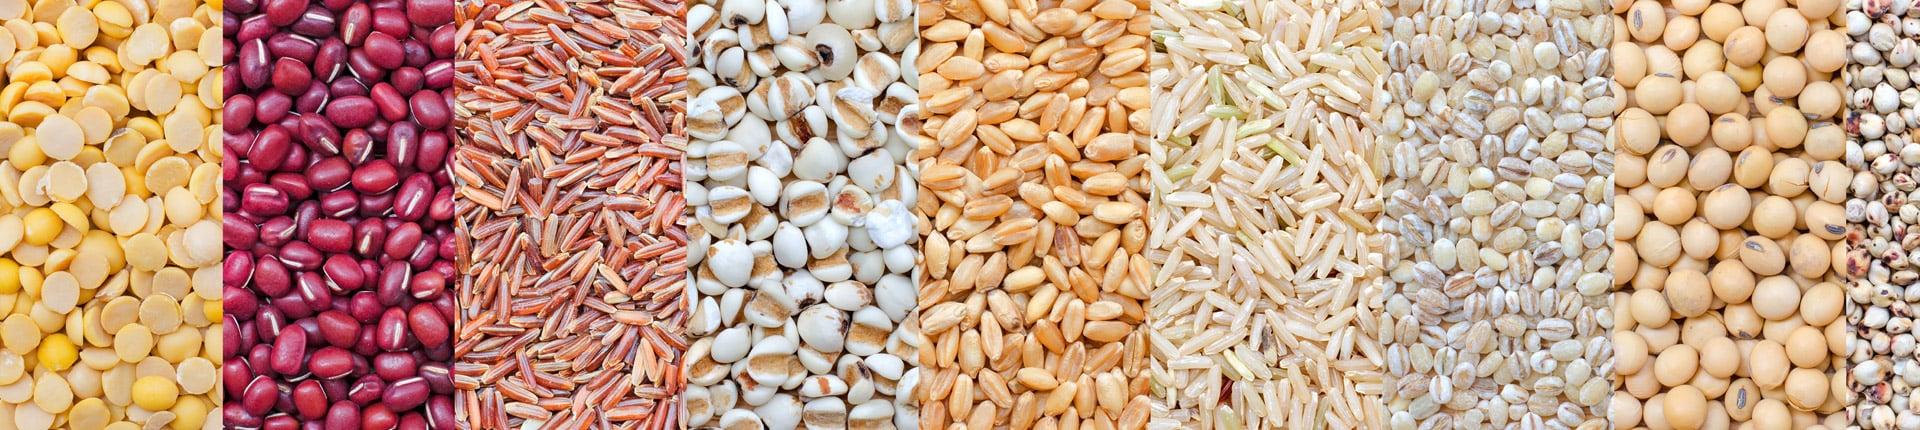 Pełne ziarna – zdrowe czy niezdrowe?